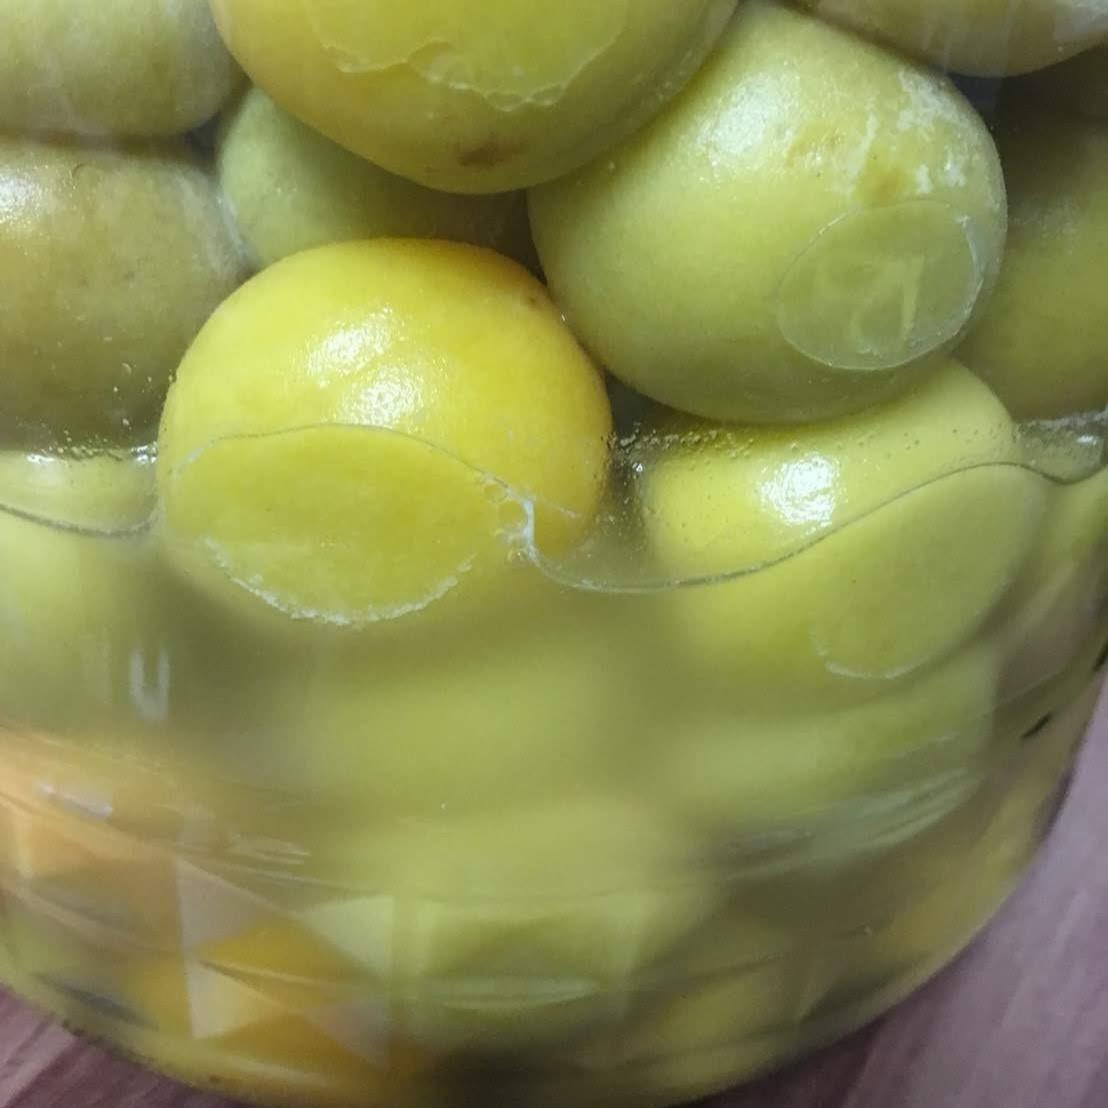 正常に梅酢に使っていないため、白く濁ってカビが見える梅酢。